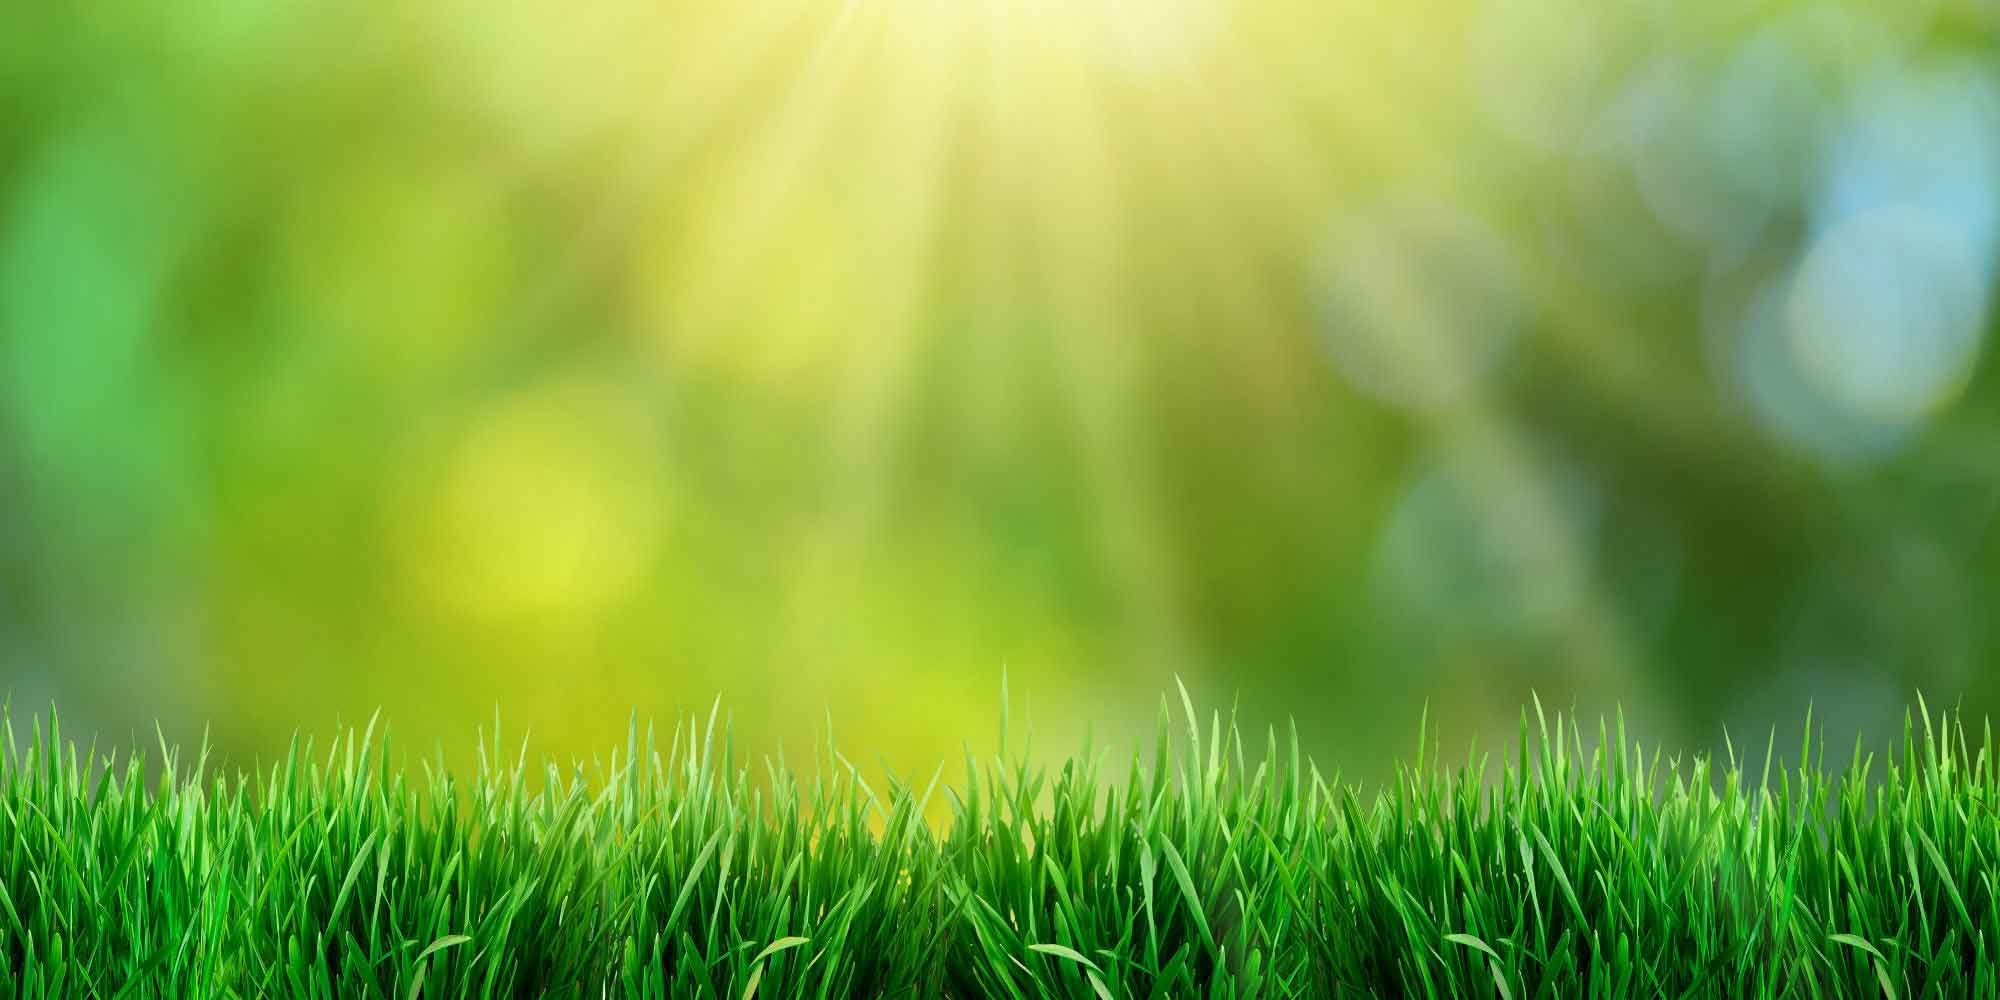 green leaves scenery - HD Desktop Wallpapers | 4k HD